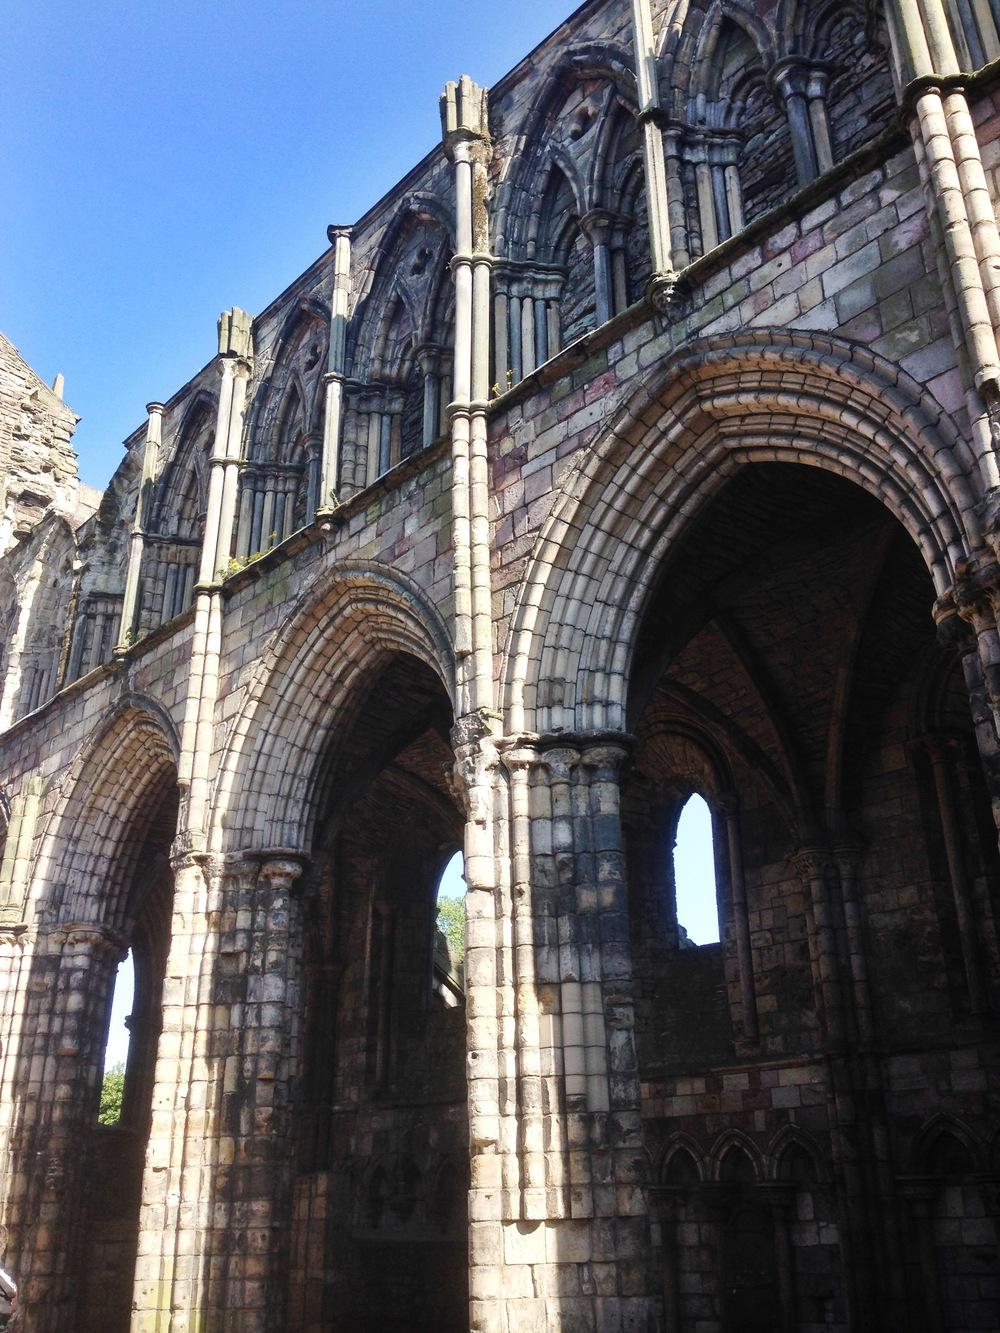 The abbey ruins at Holyrood Palace